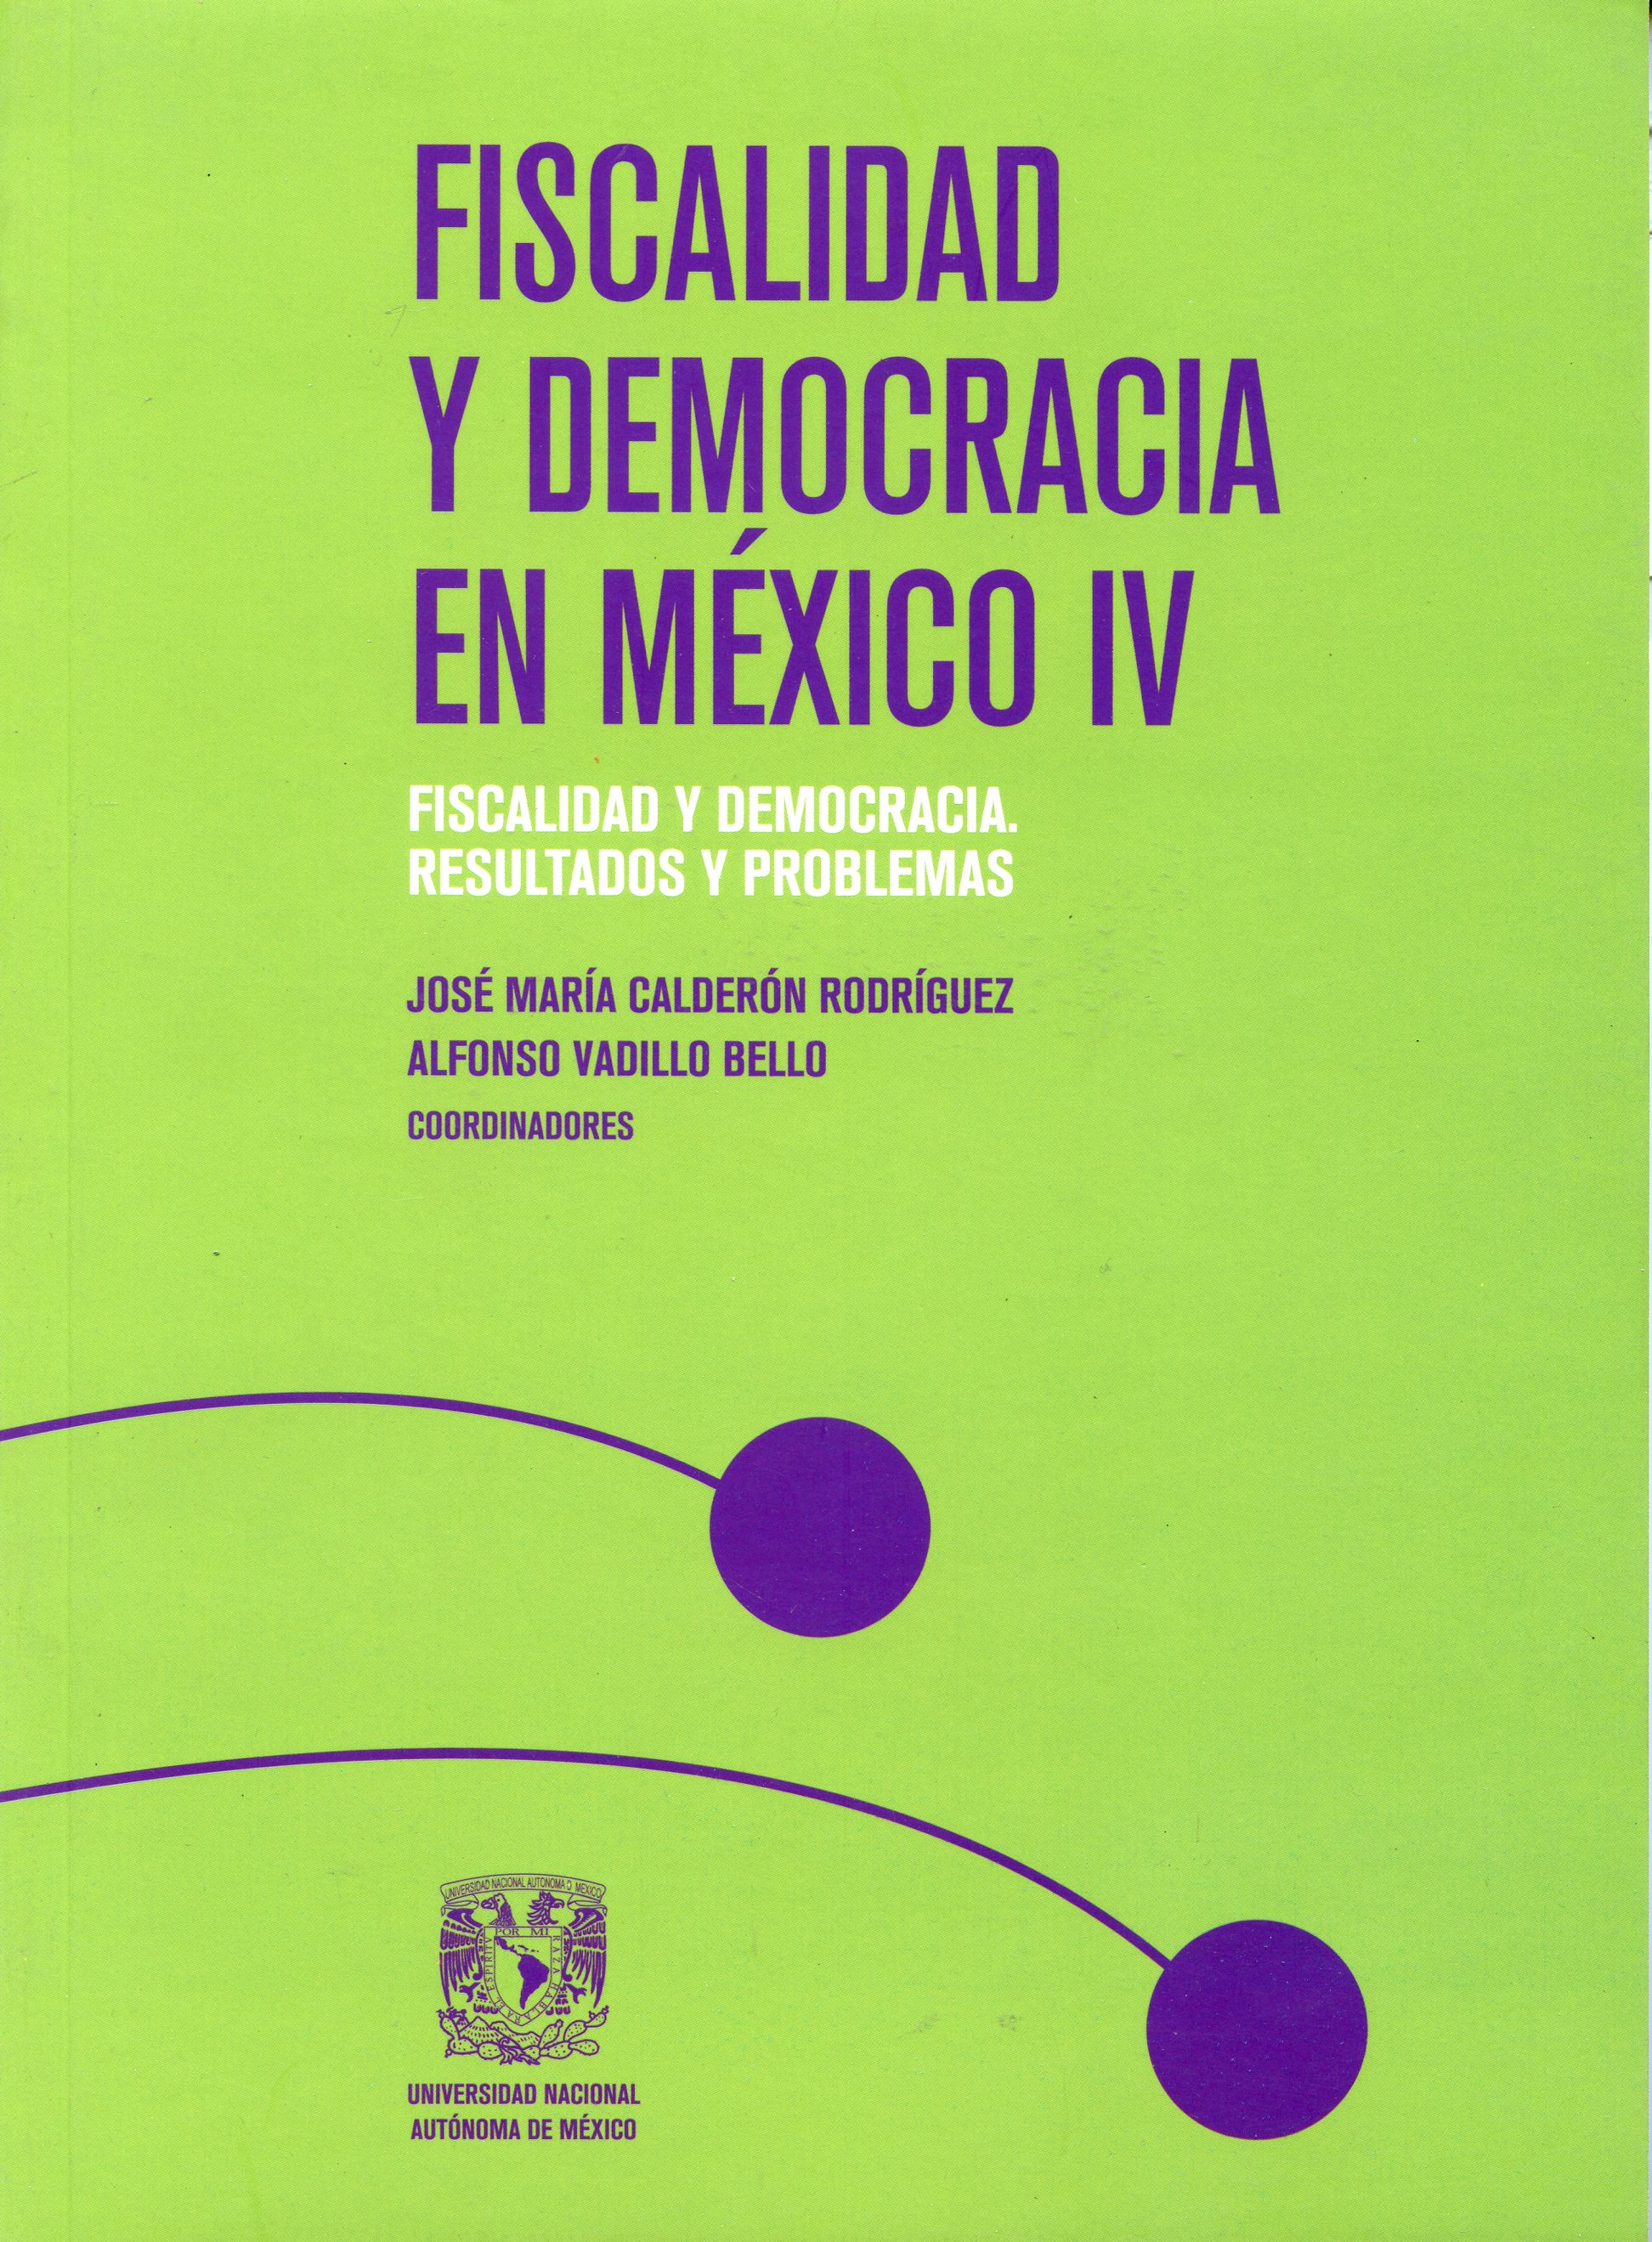 Fiscalidad y democracia en  México IV.